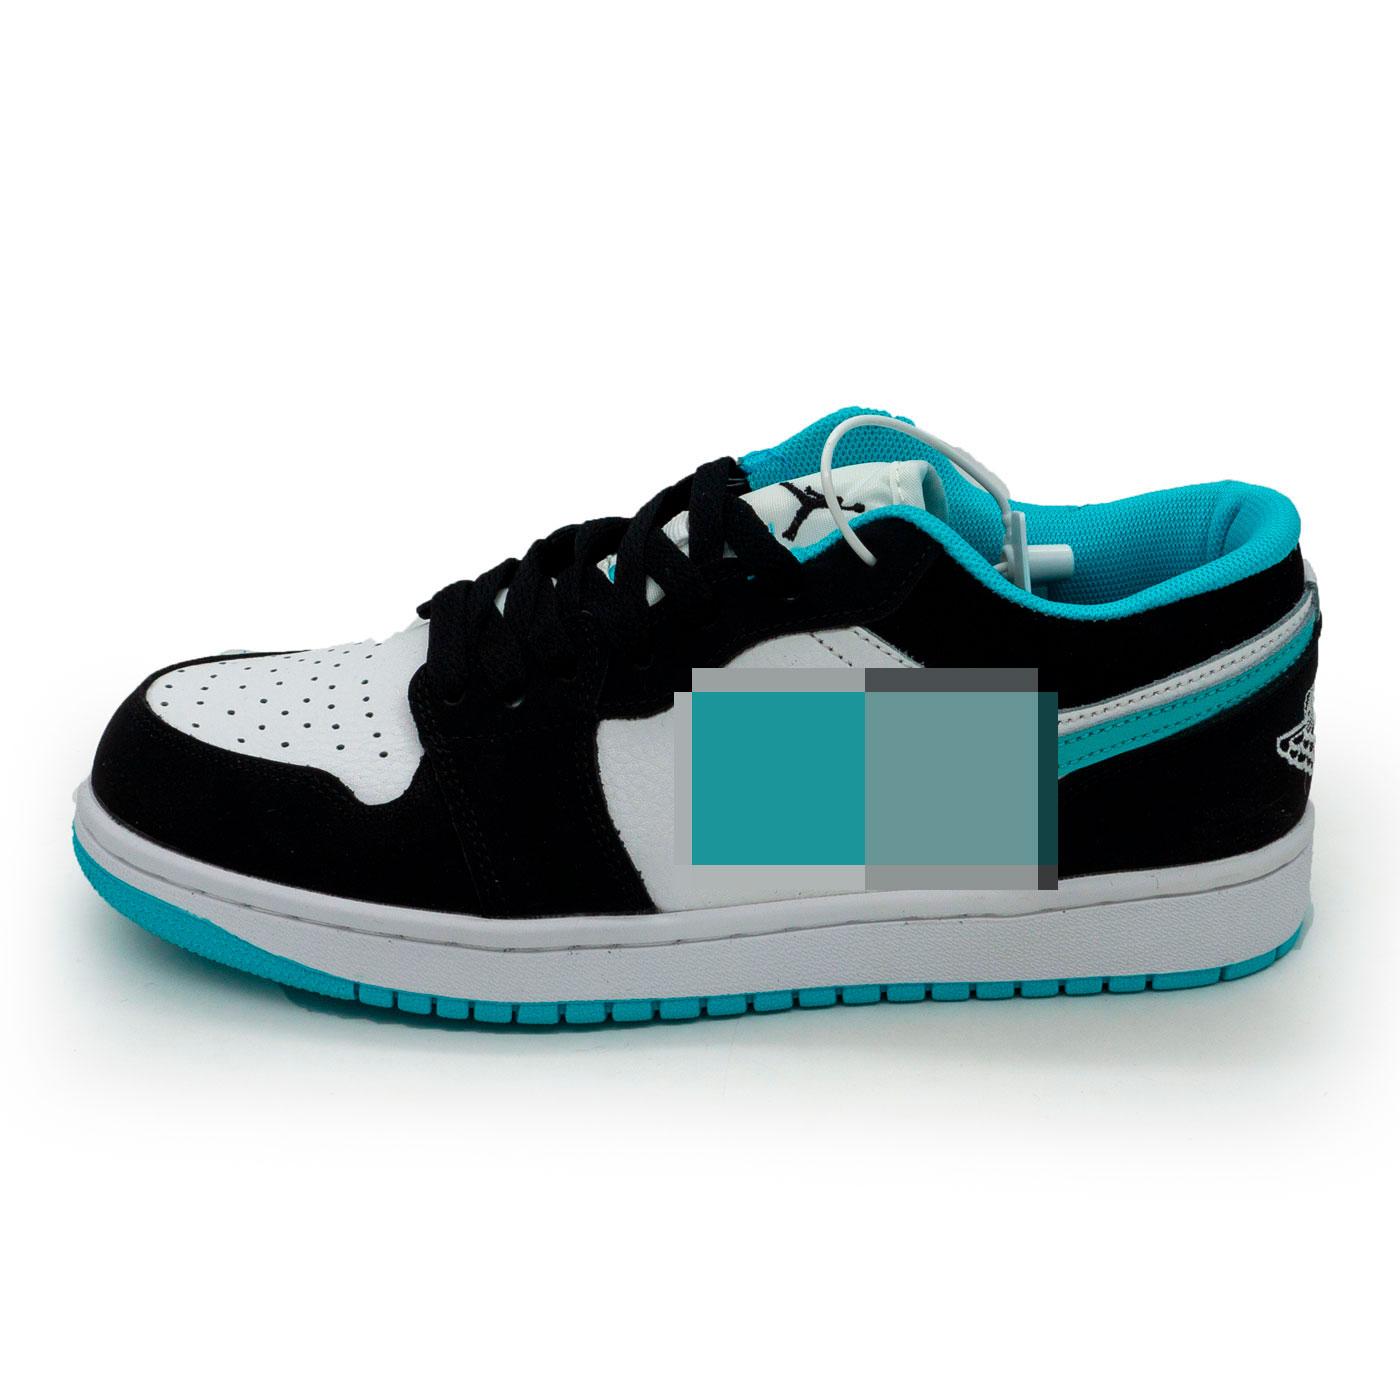 фото main Низкие черные c бирюзовым кроссовки Nke Air Jordan 1 main